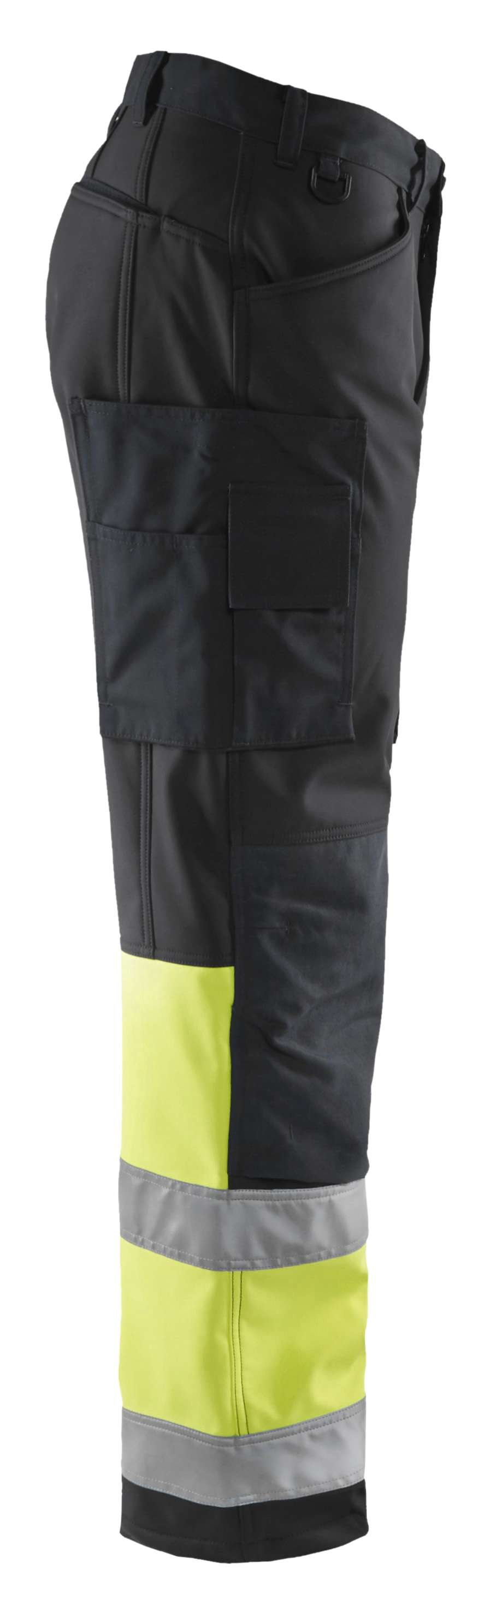 Blaklader Broeken 15622517 High Vis zwart-geel(9933)